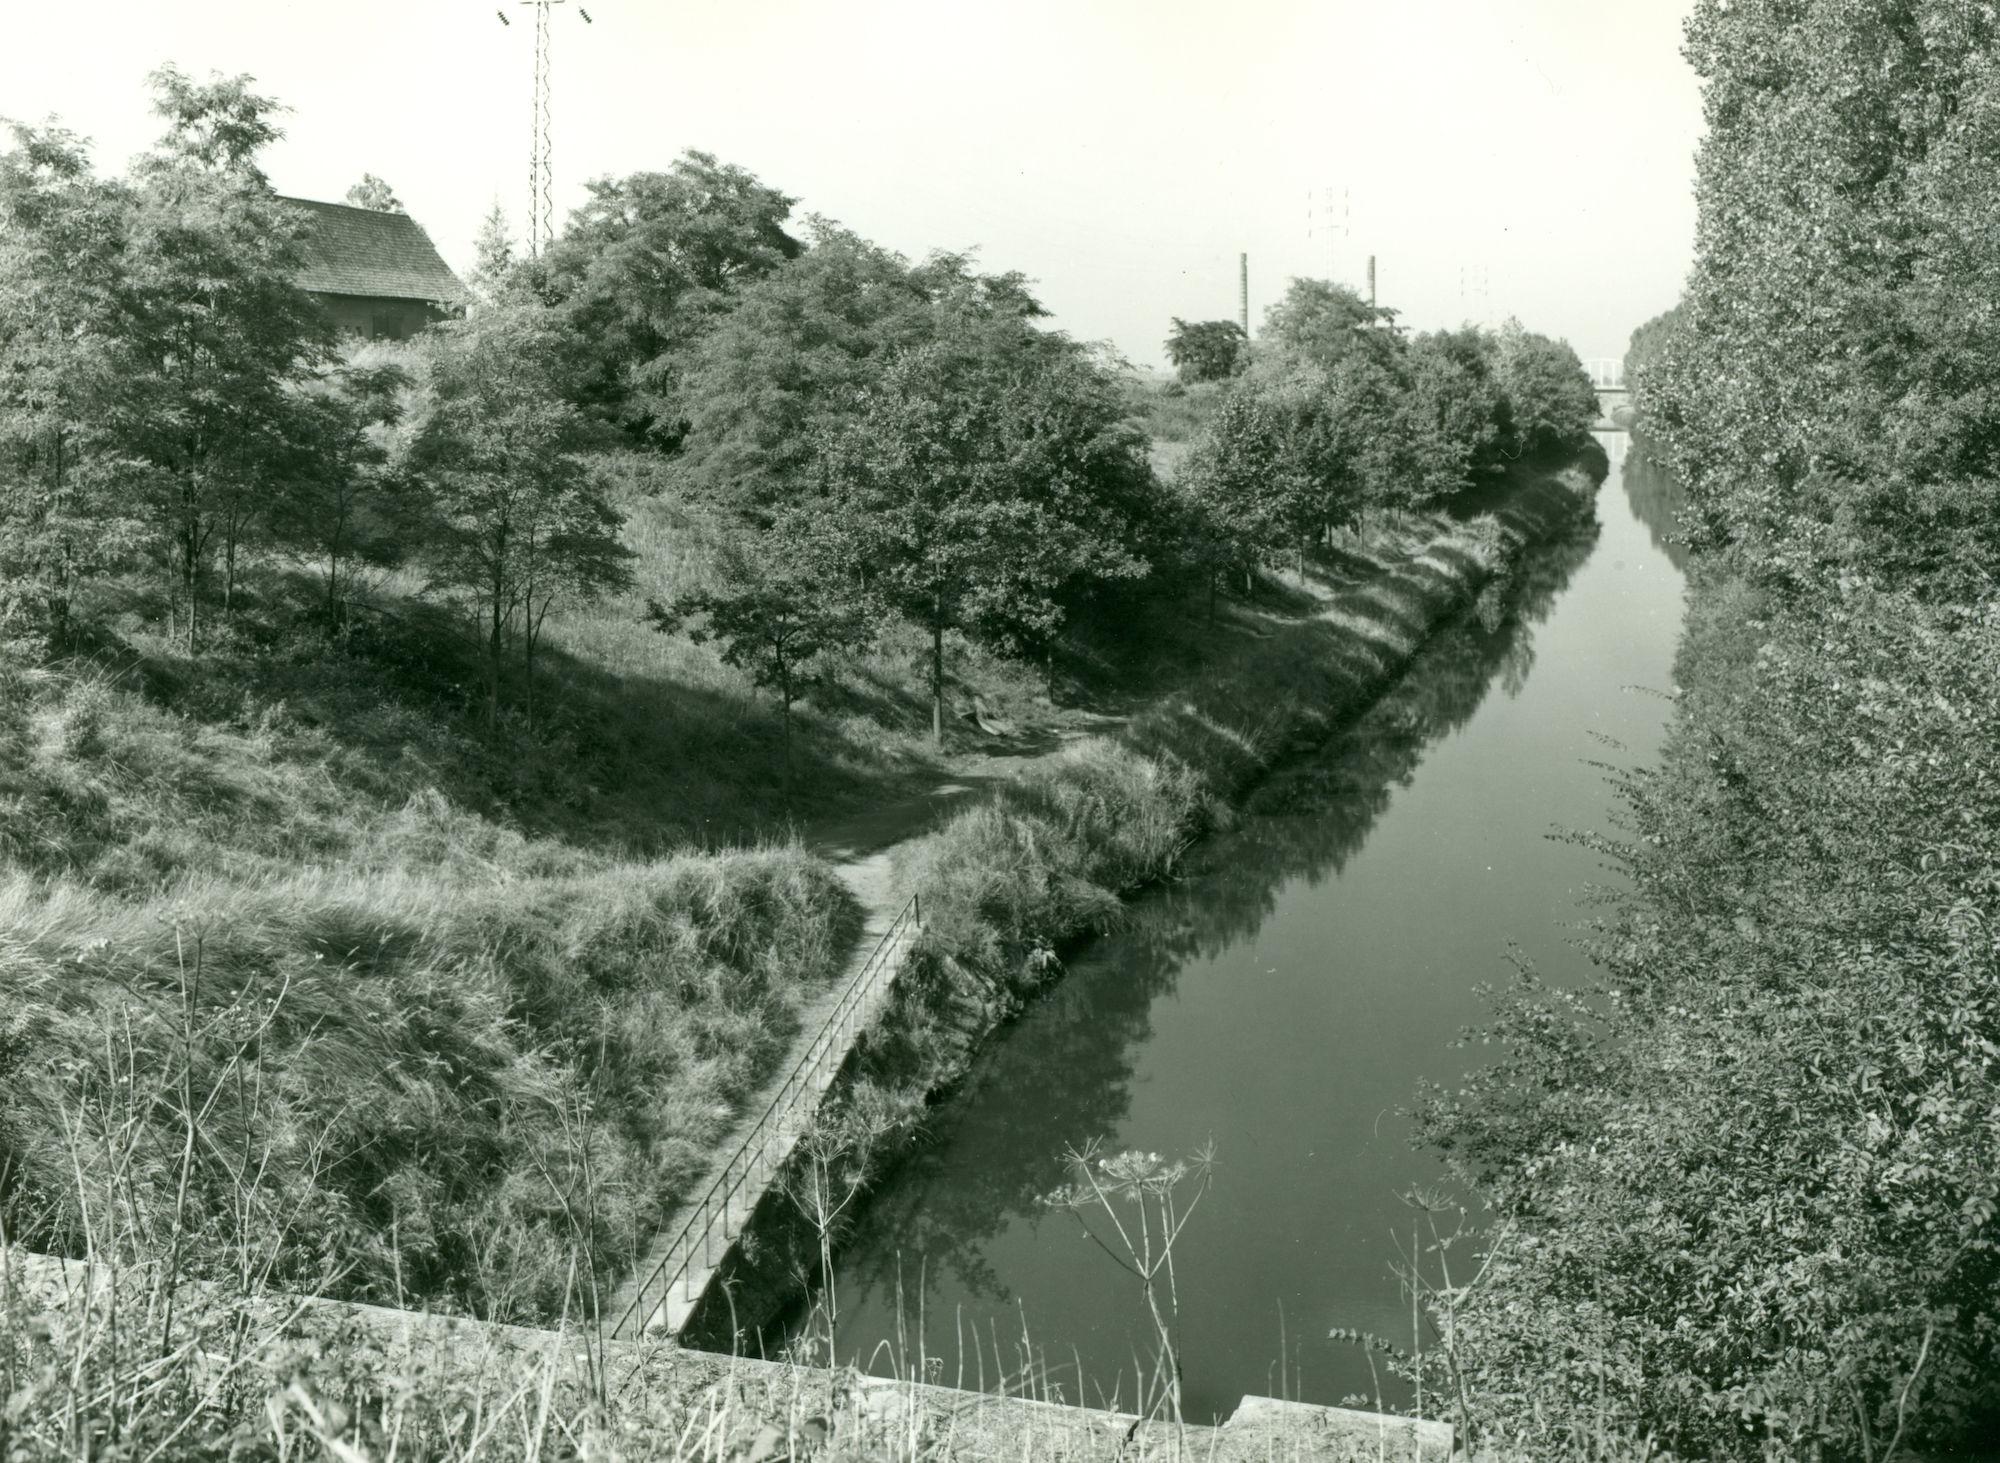 Uitgang tunnel (Souterrain) op het Kanaal Bossuit-Kortrijk richting Knokke-Zwevegem 1970